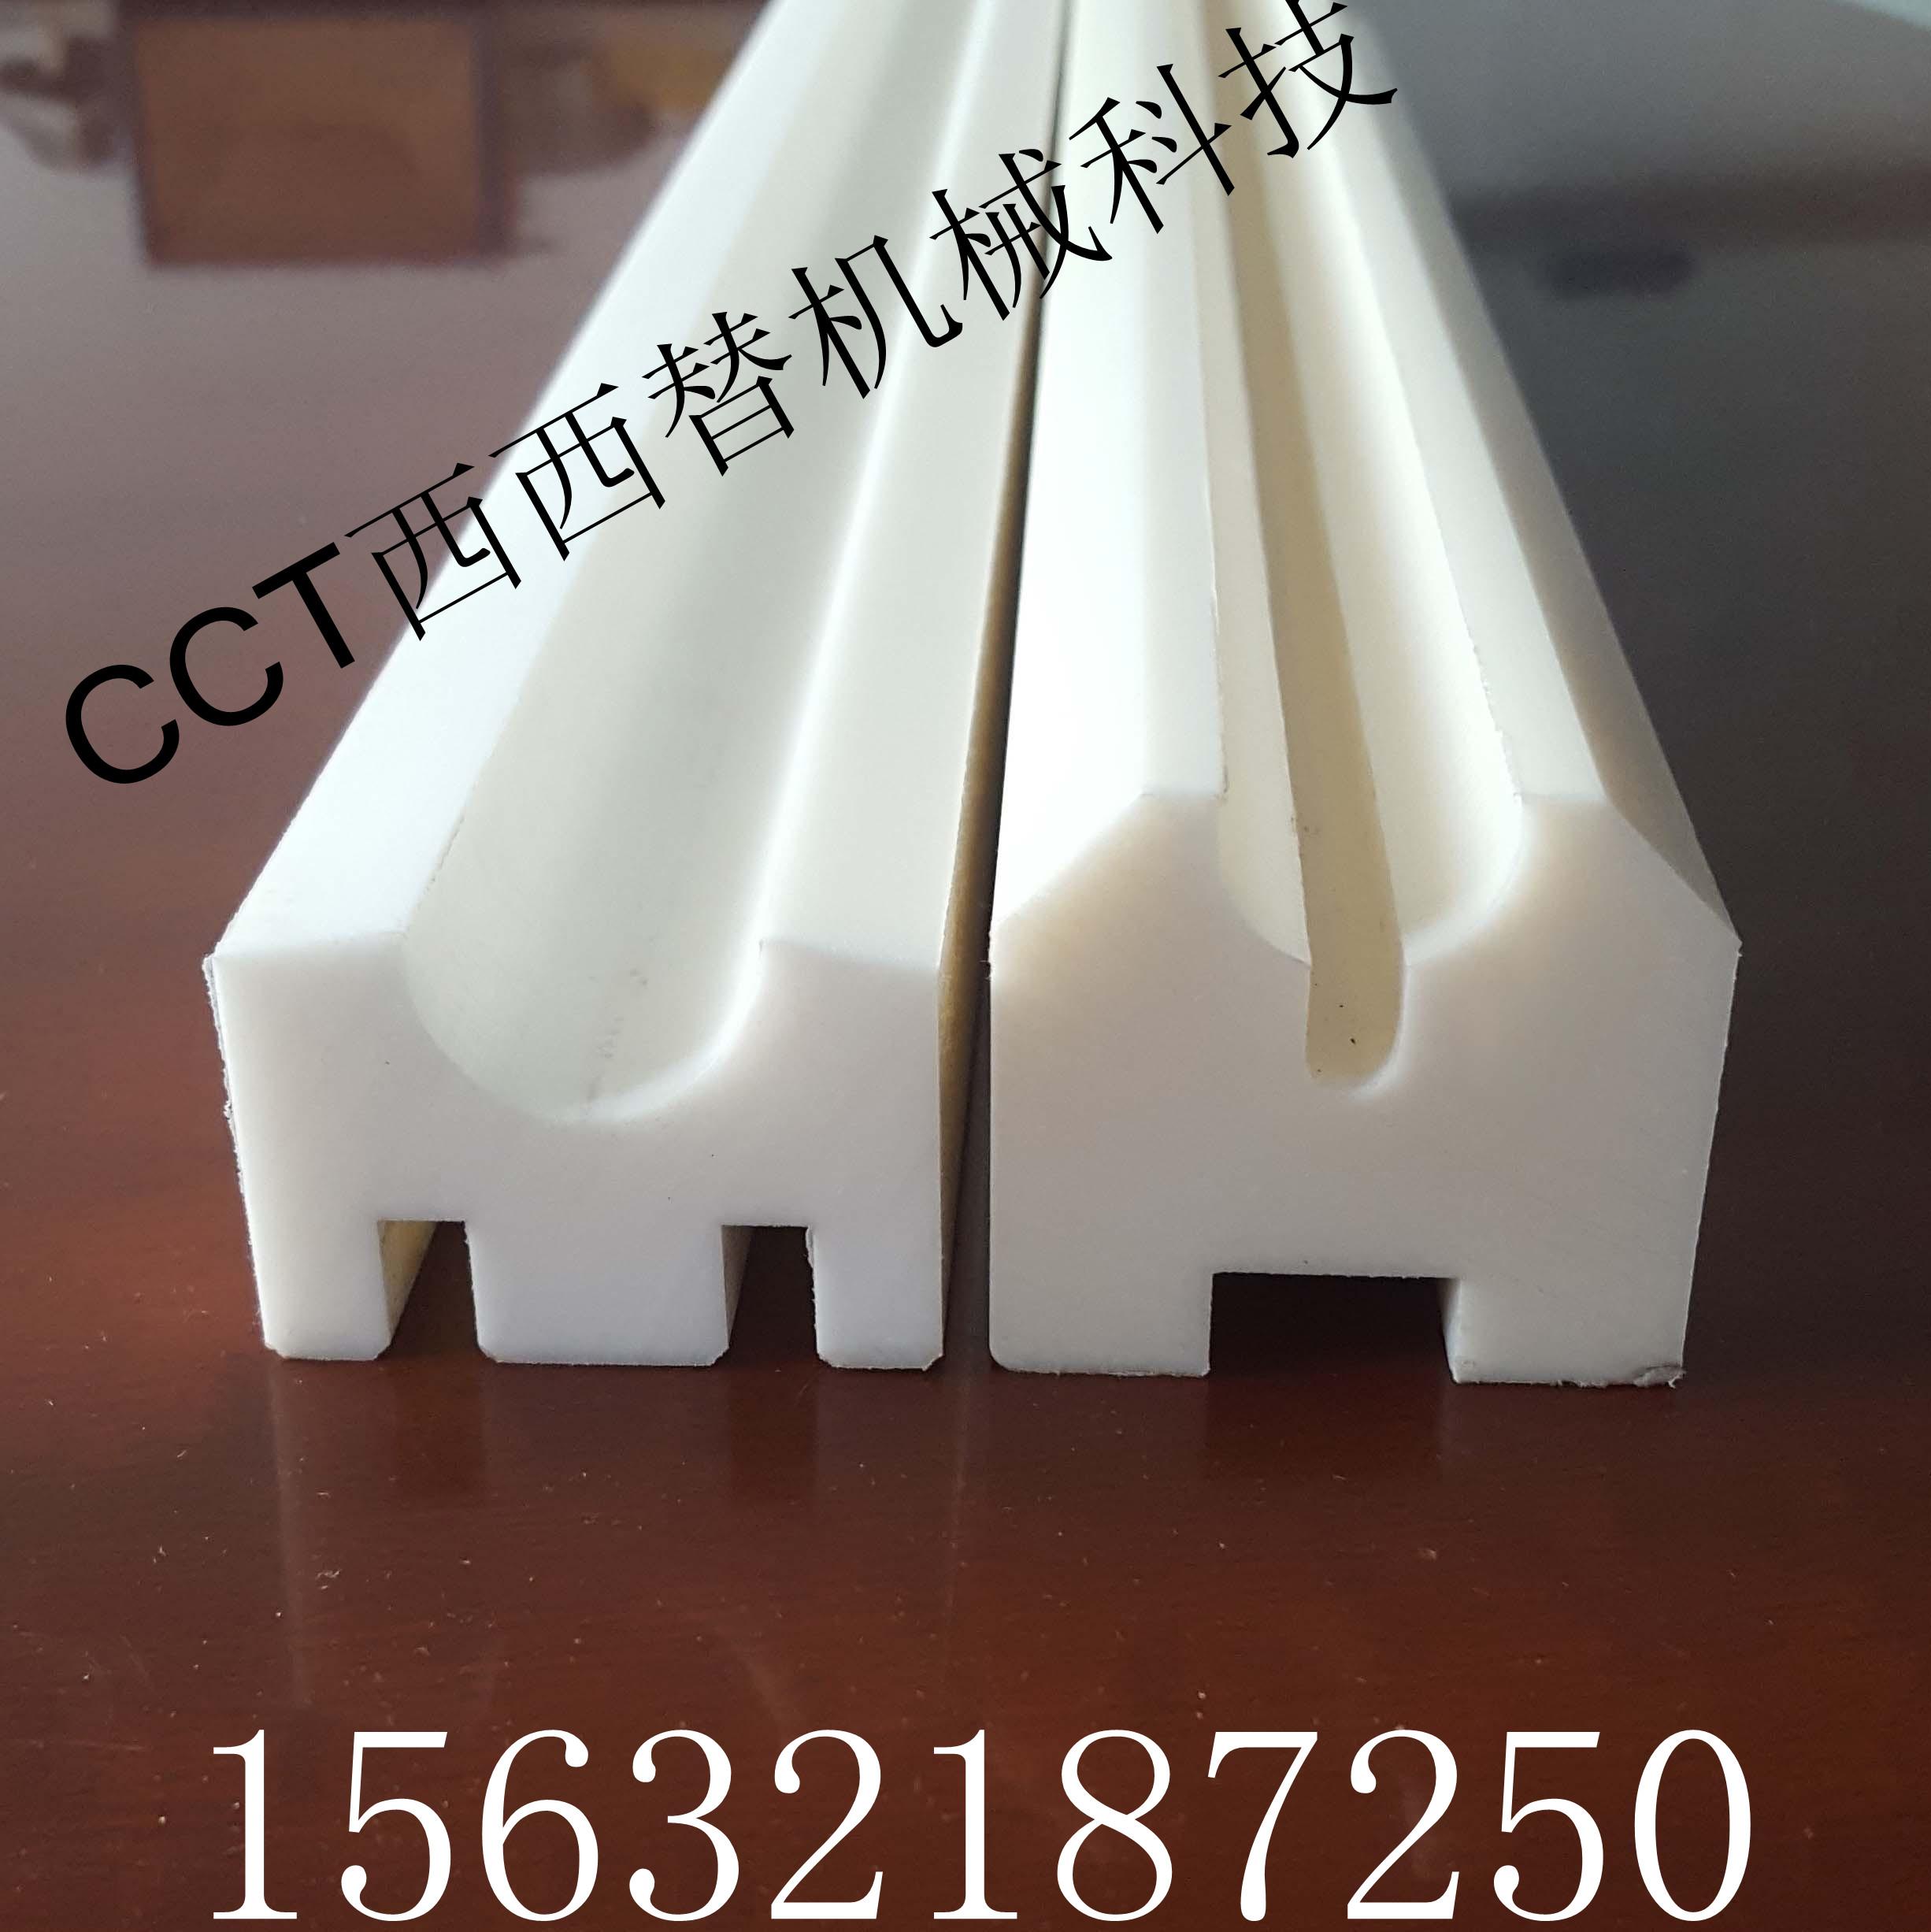 西西替(CCT)棒槽/棒托/棒床